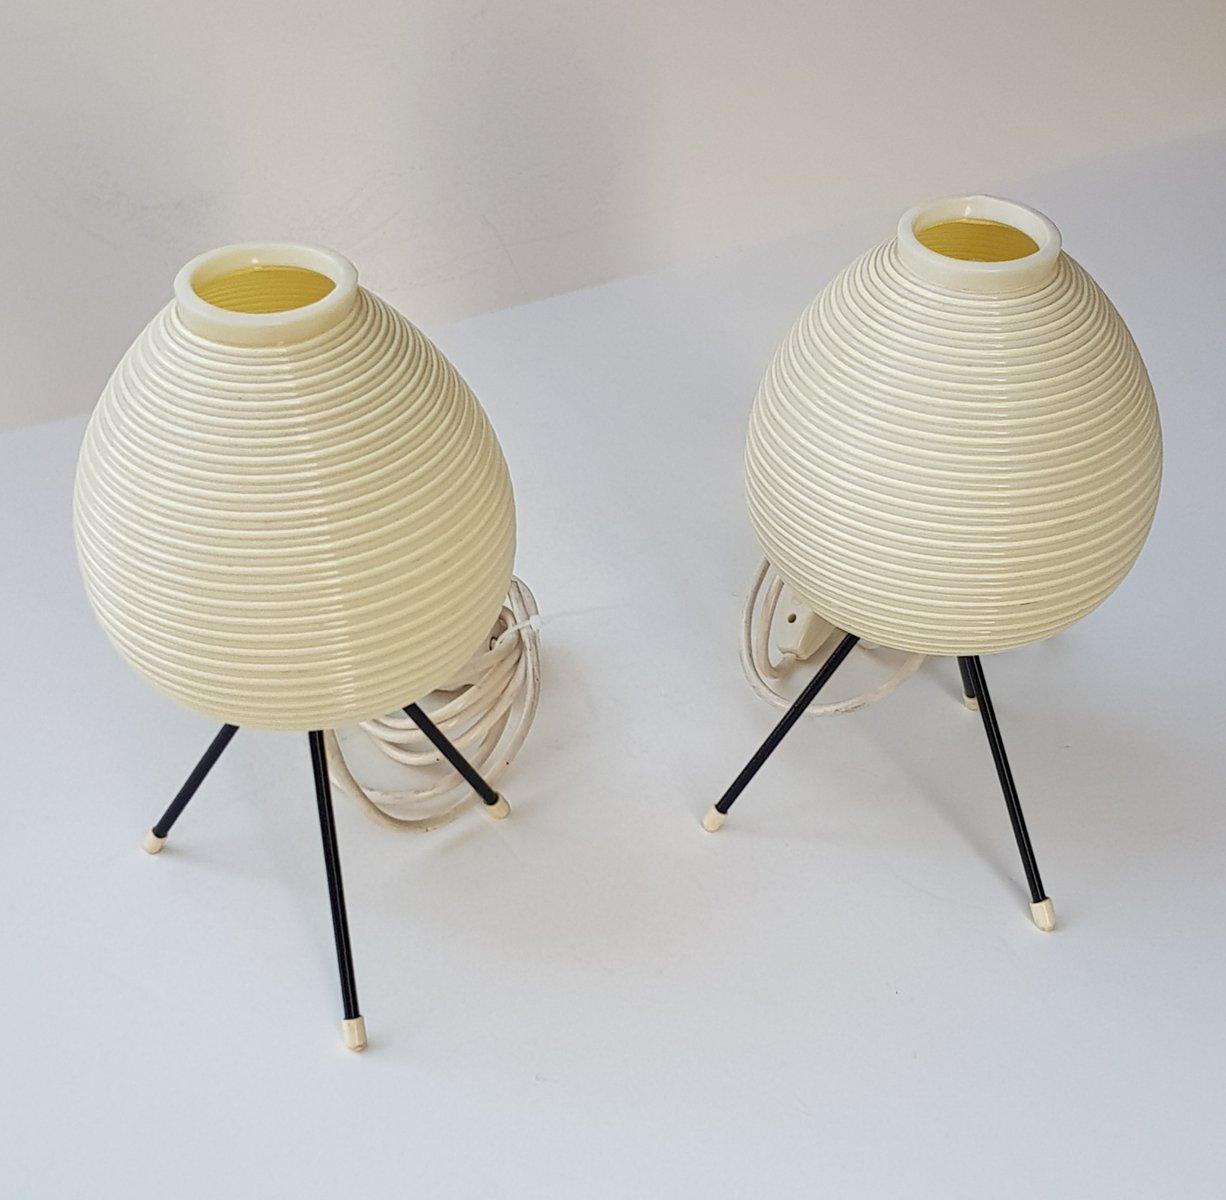 Vintage tischlampen auf dreibein von heifetz rotaflex for Tischlampen vintage